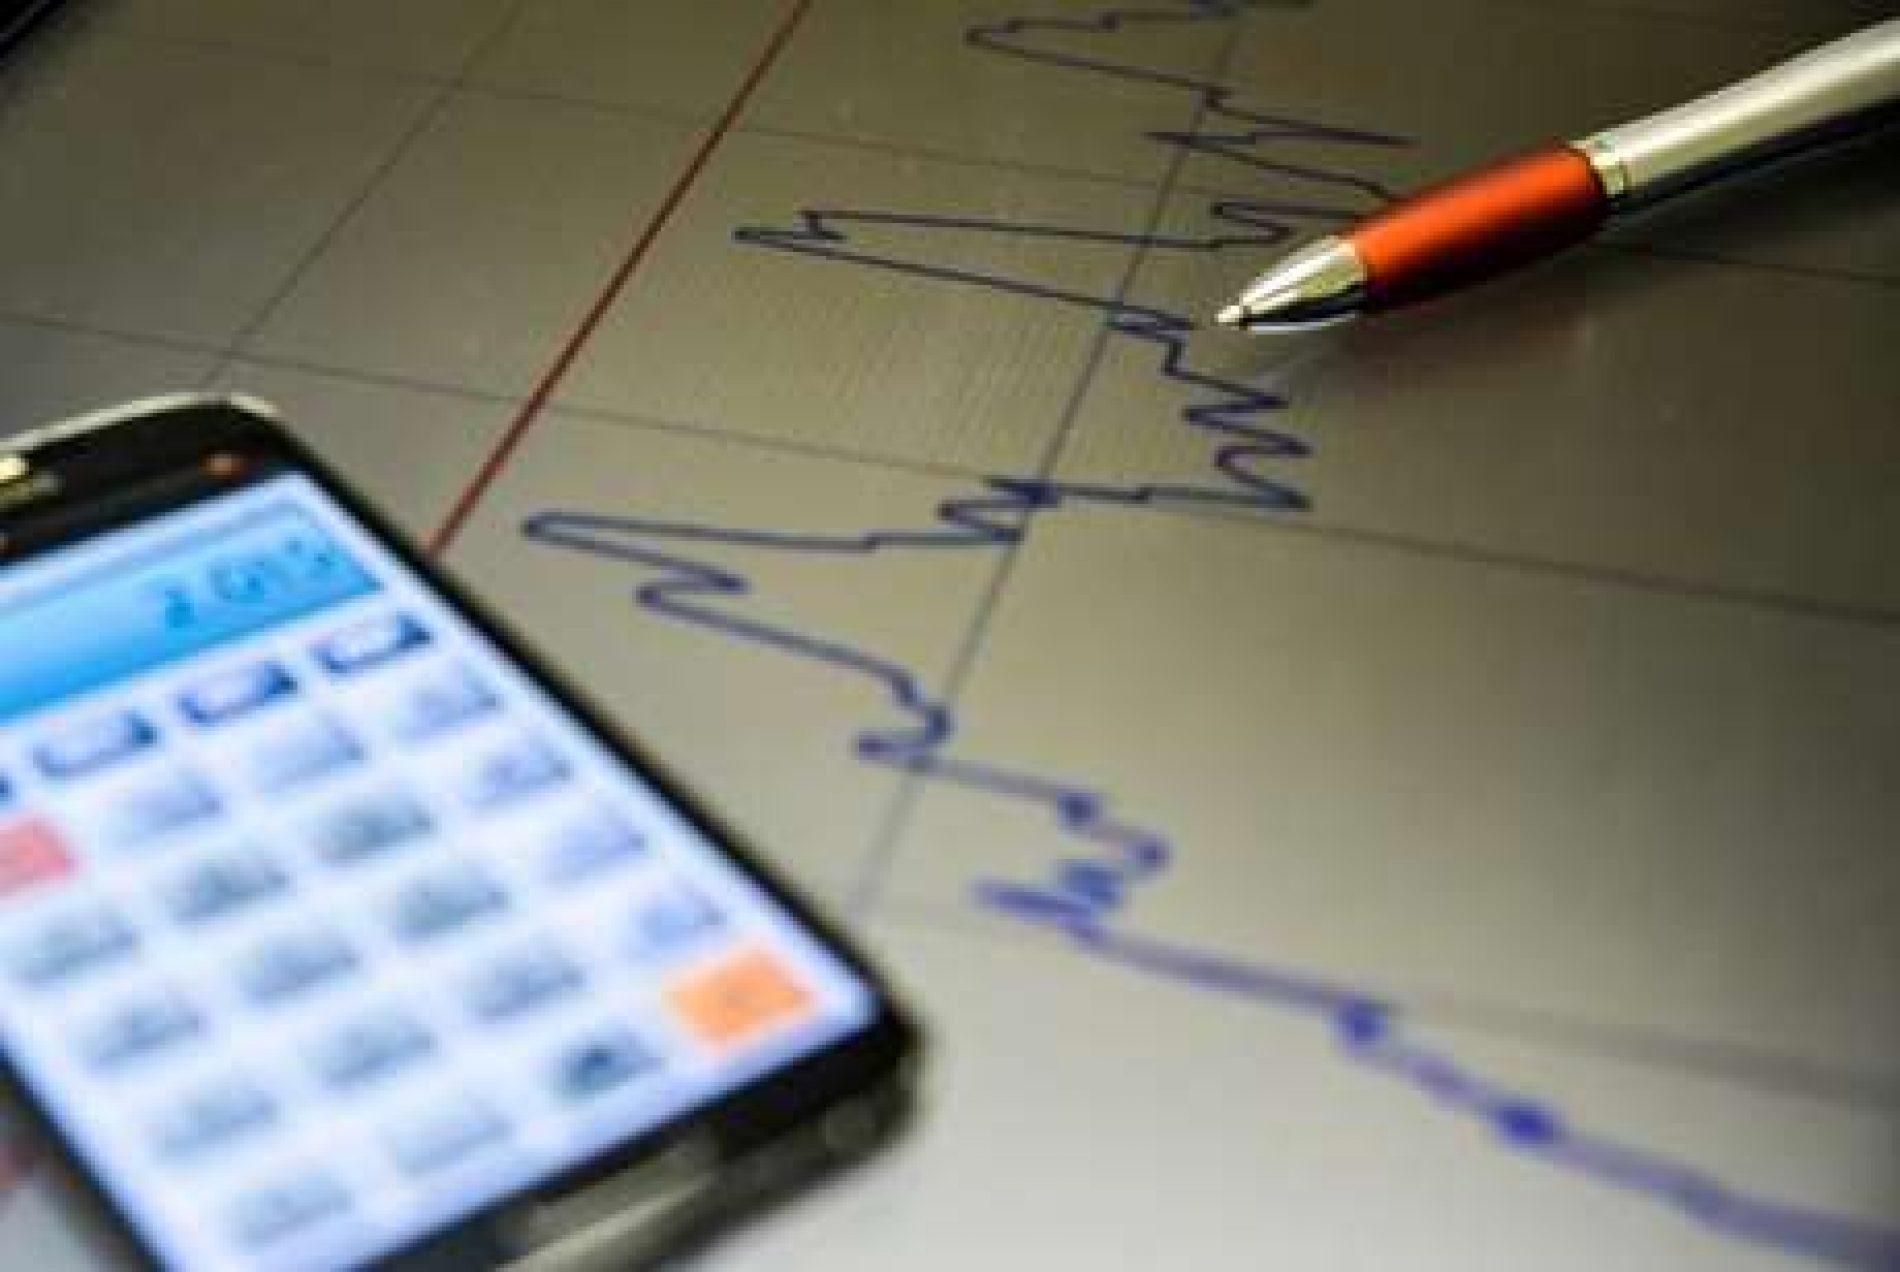 IGP-DI registra inflação de 0,62% em setembro